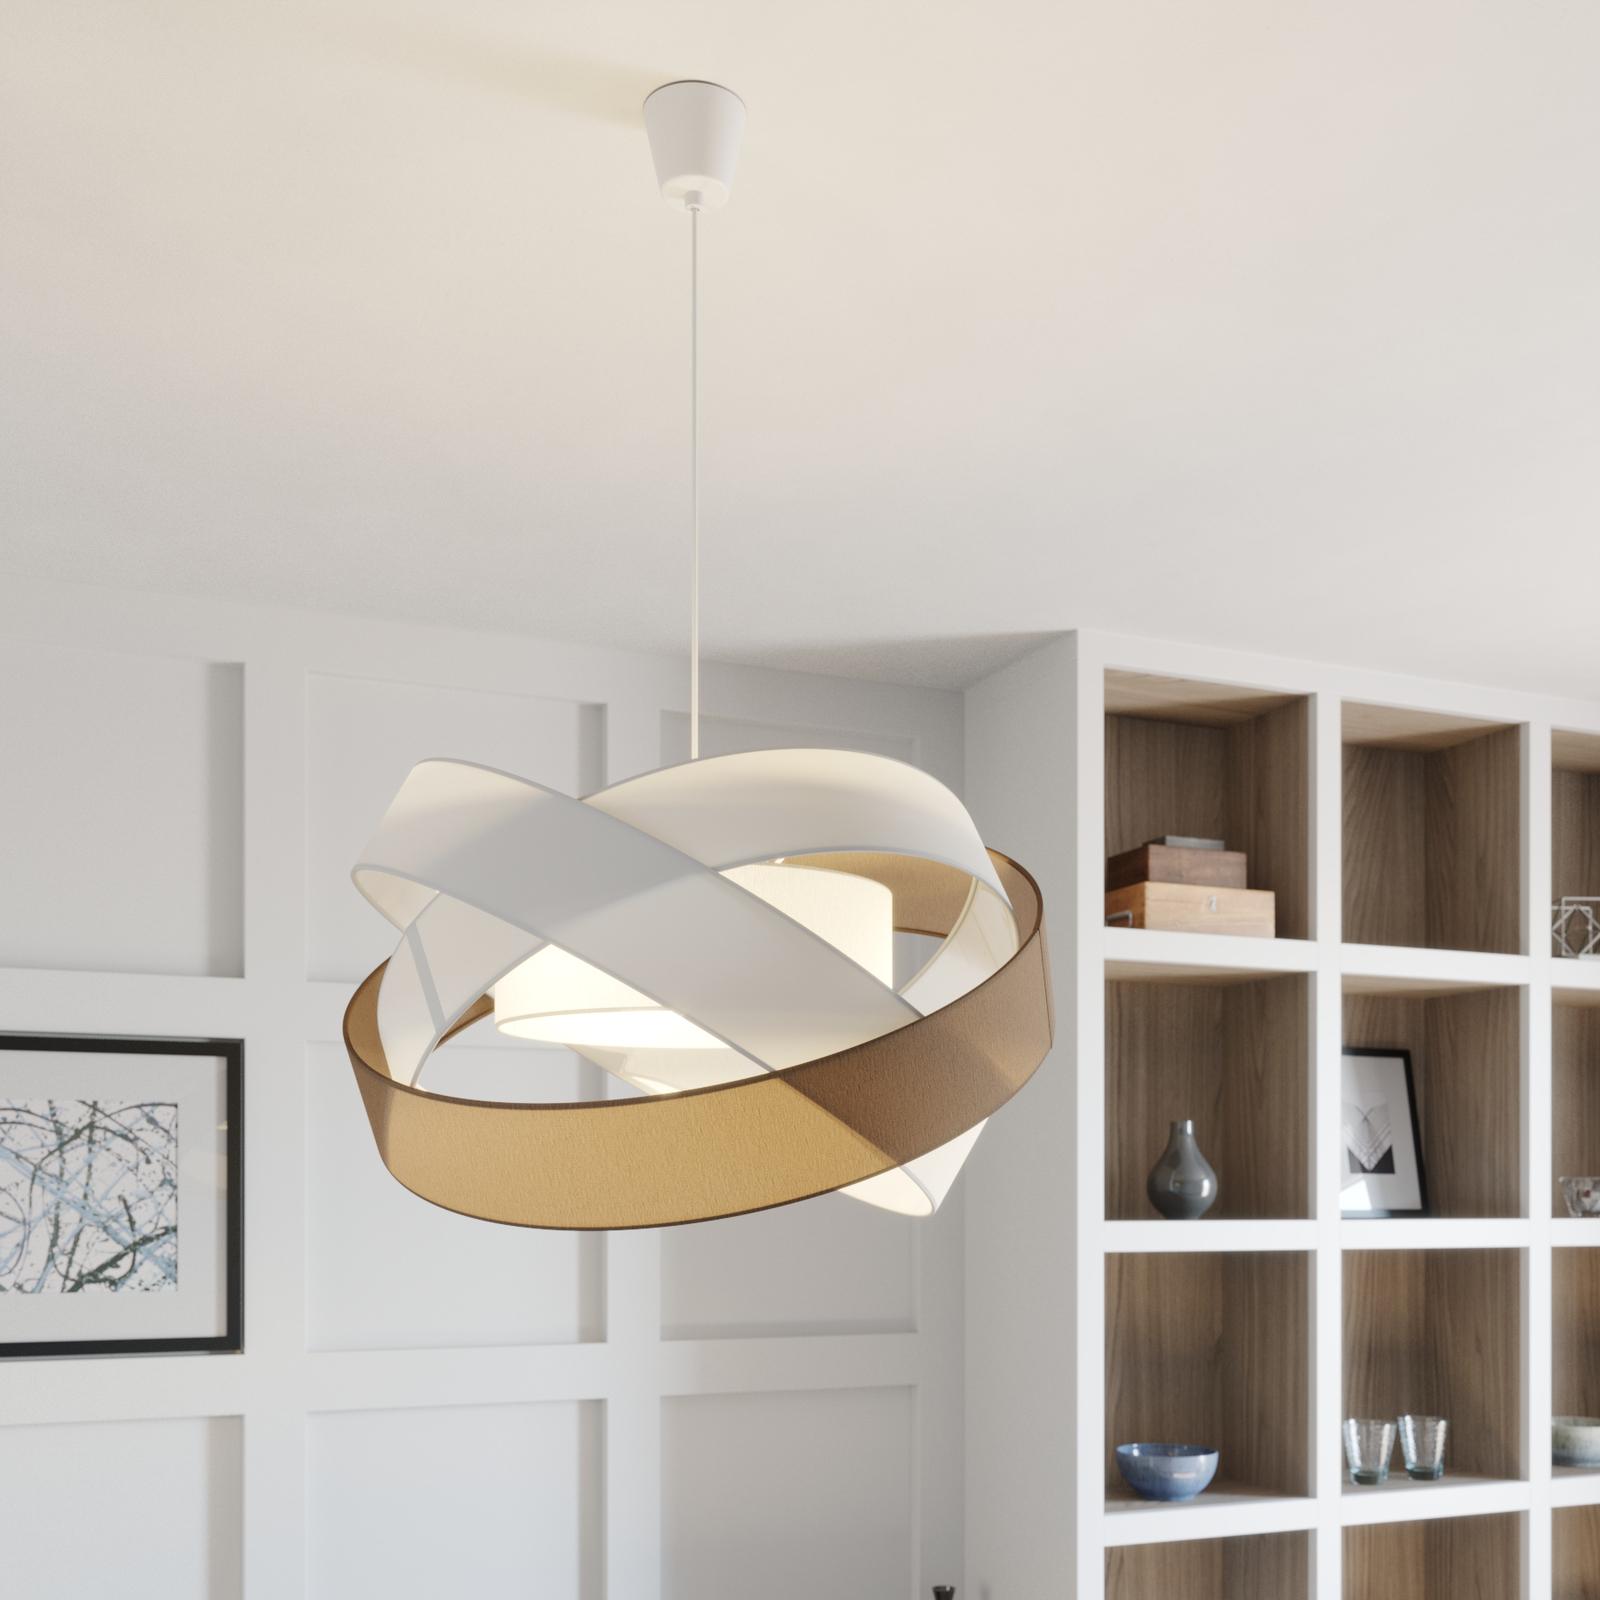 Lindby Simaria lampa wisząca, brązowa/szara/biała